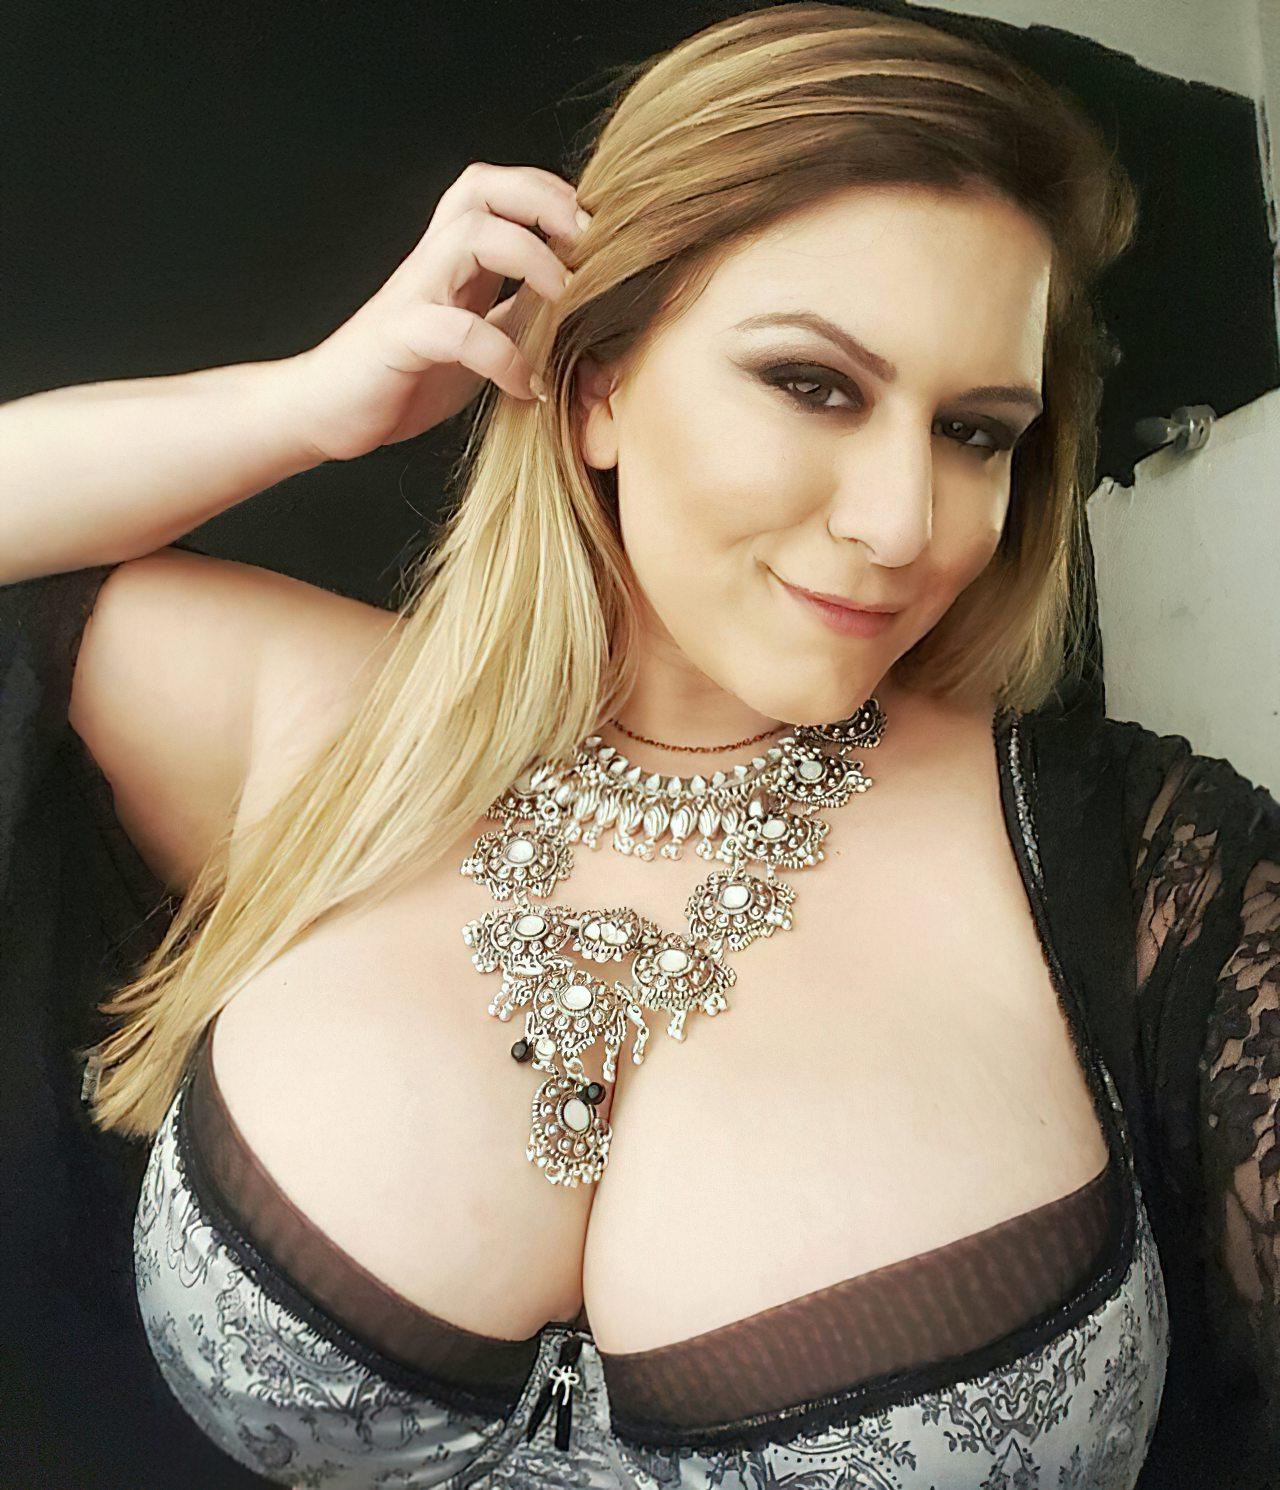 Mulheres Peladas (25)